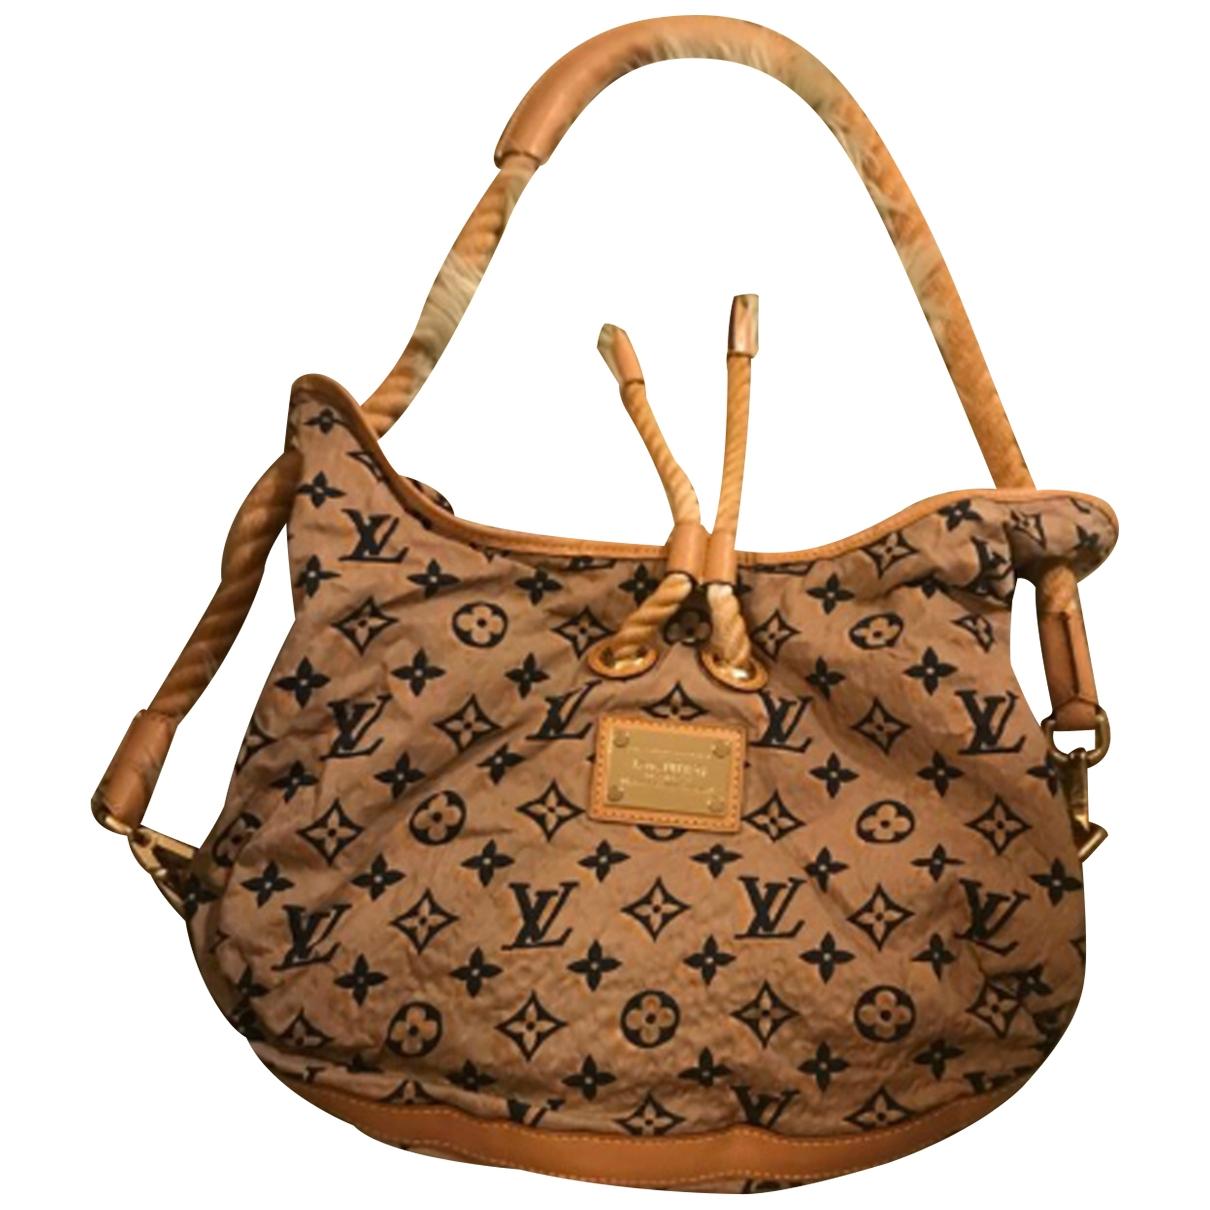 Louis Vuitton \N Handtasche in  Kamel Leinen